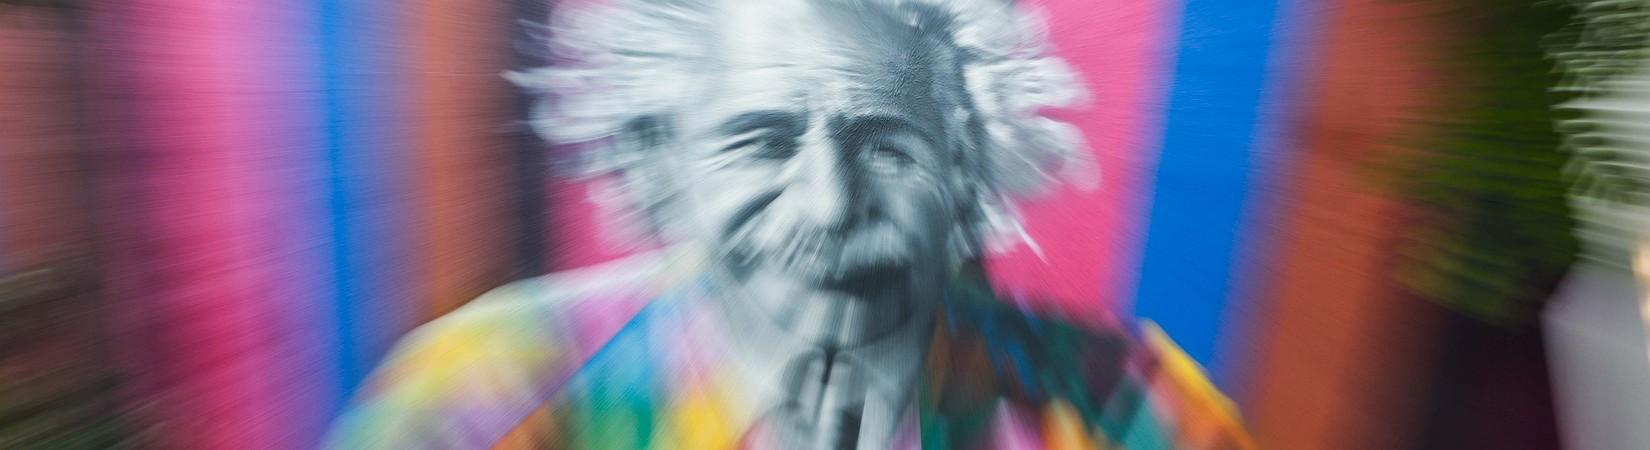 Как стать великим: 5 уроков от Альберта Эйнштейна